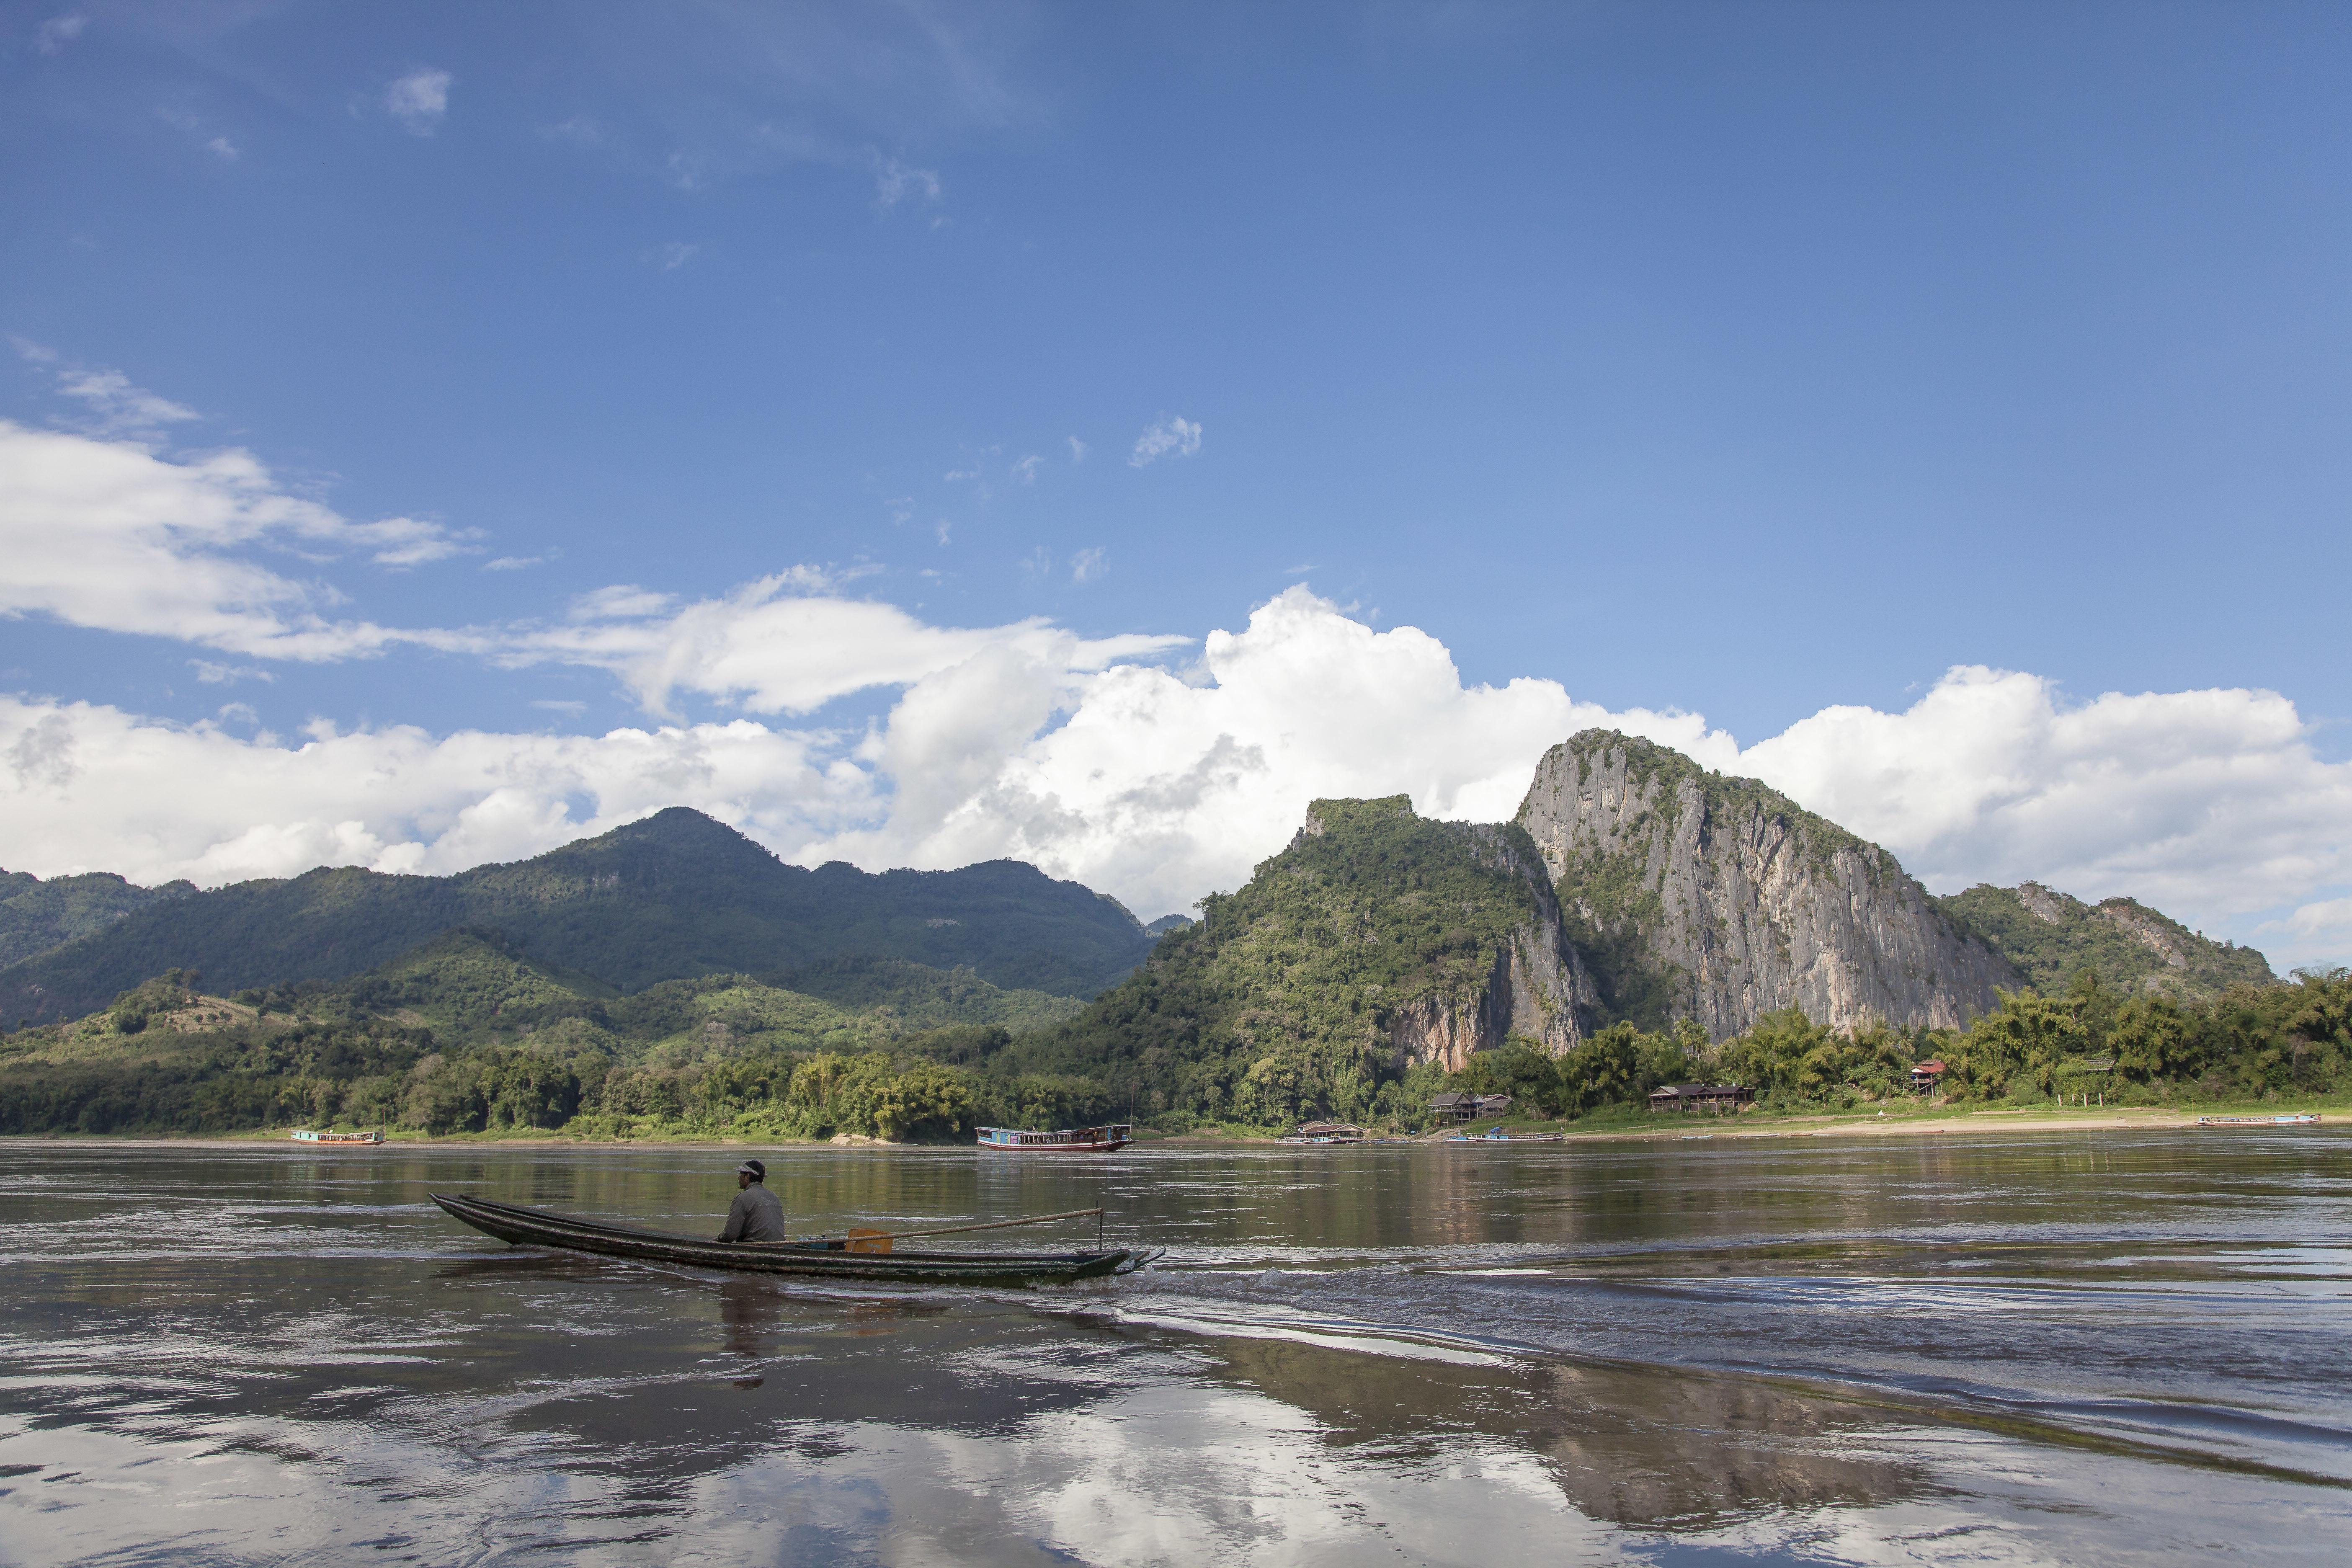 Take a boat ride at Mekong river